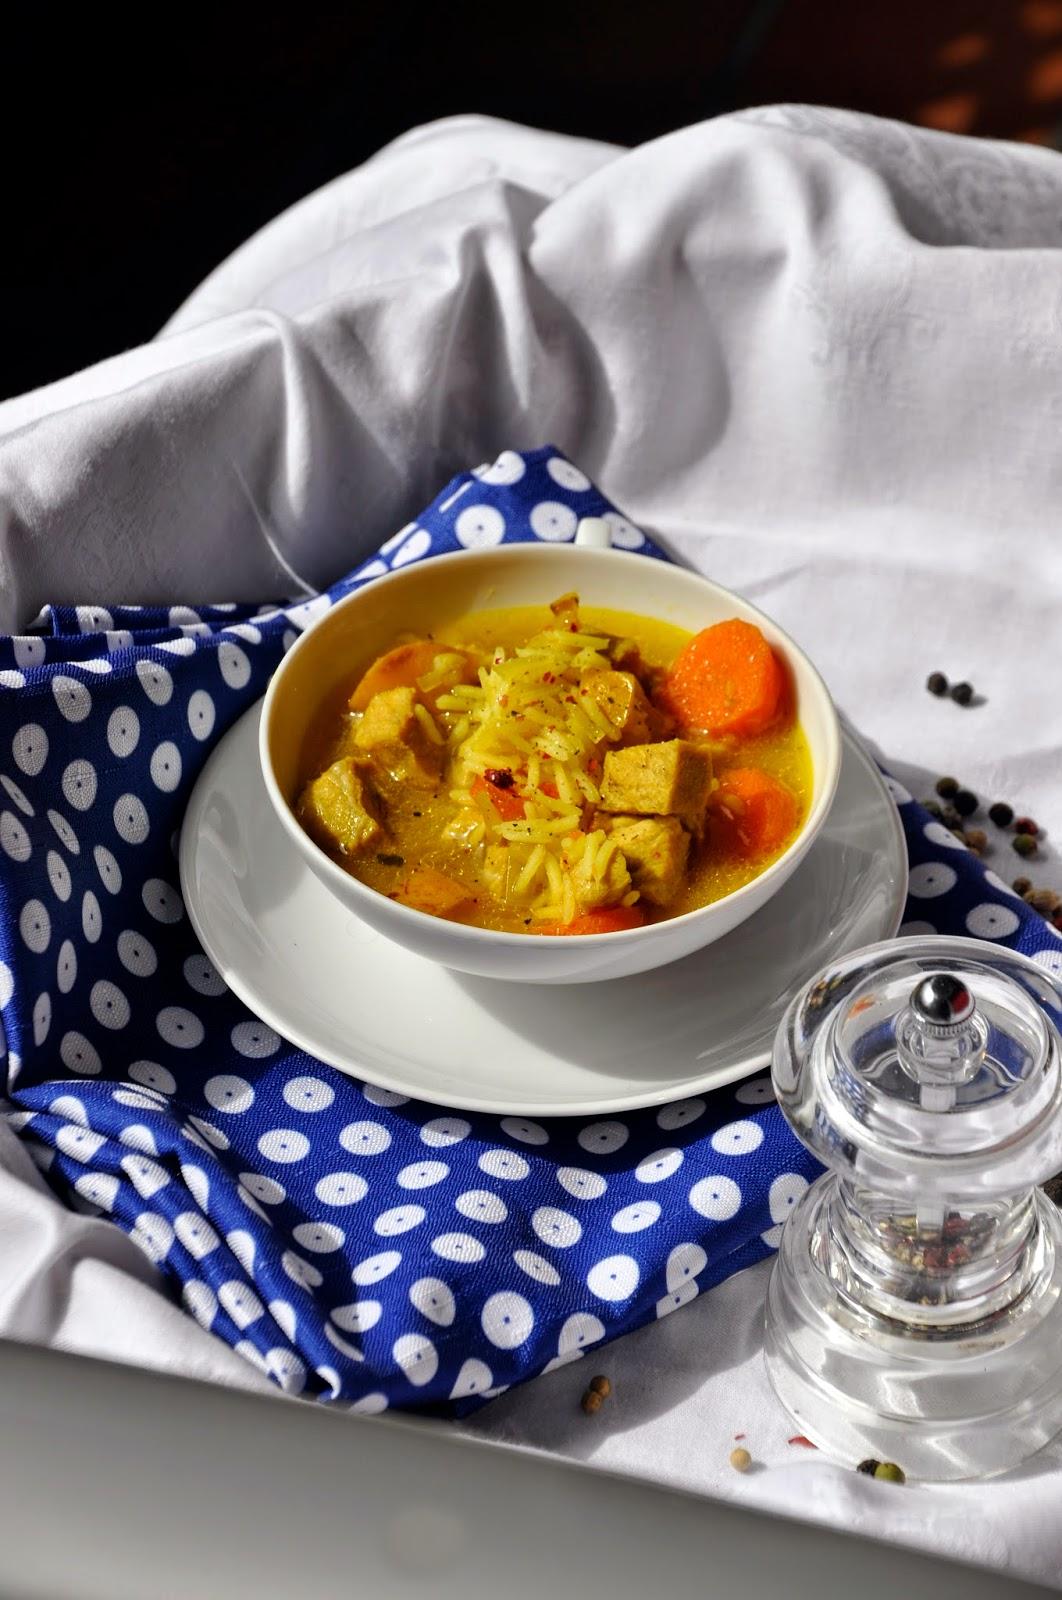 Szybko Tanio Smacznie - Kolonialna zupa z kurczaka